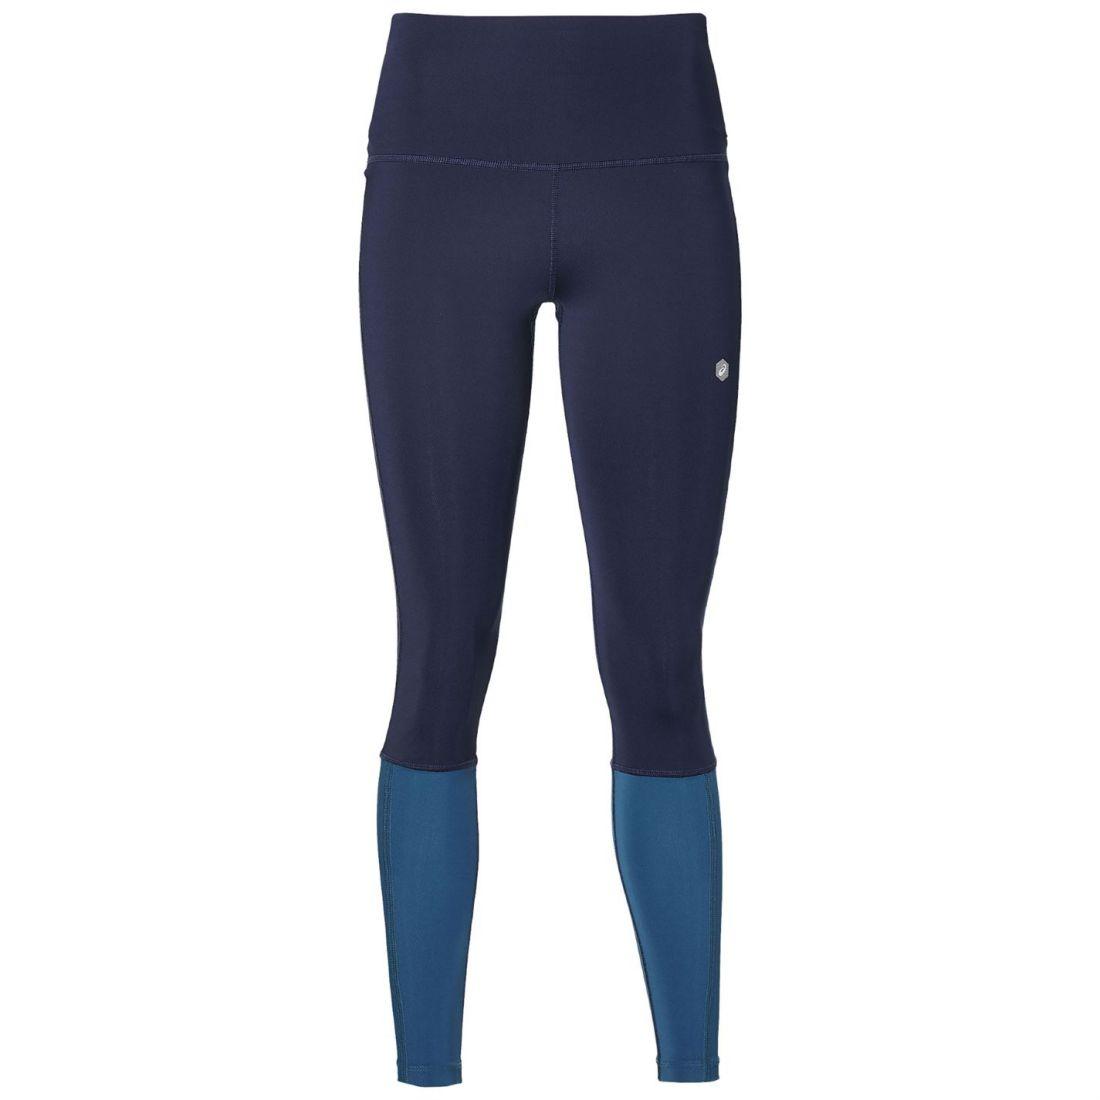 Asics cortocircuitos TGHT  Damas Calzas Pantalones Pantalones Pantalones de rendimiento  mejor oferta